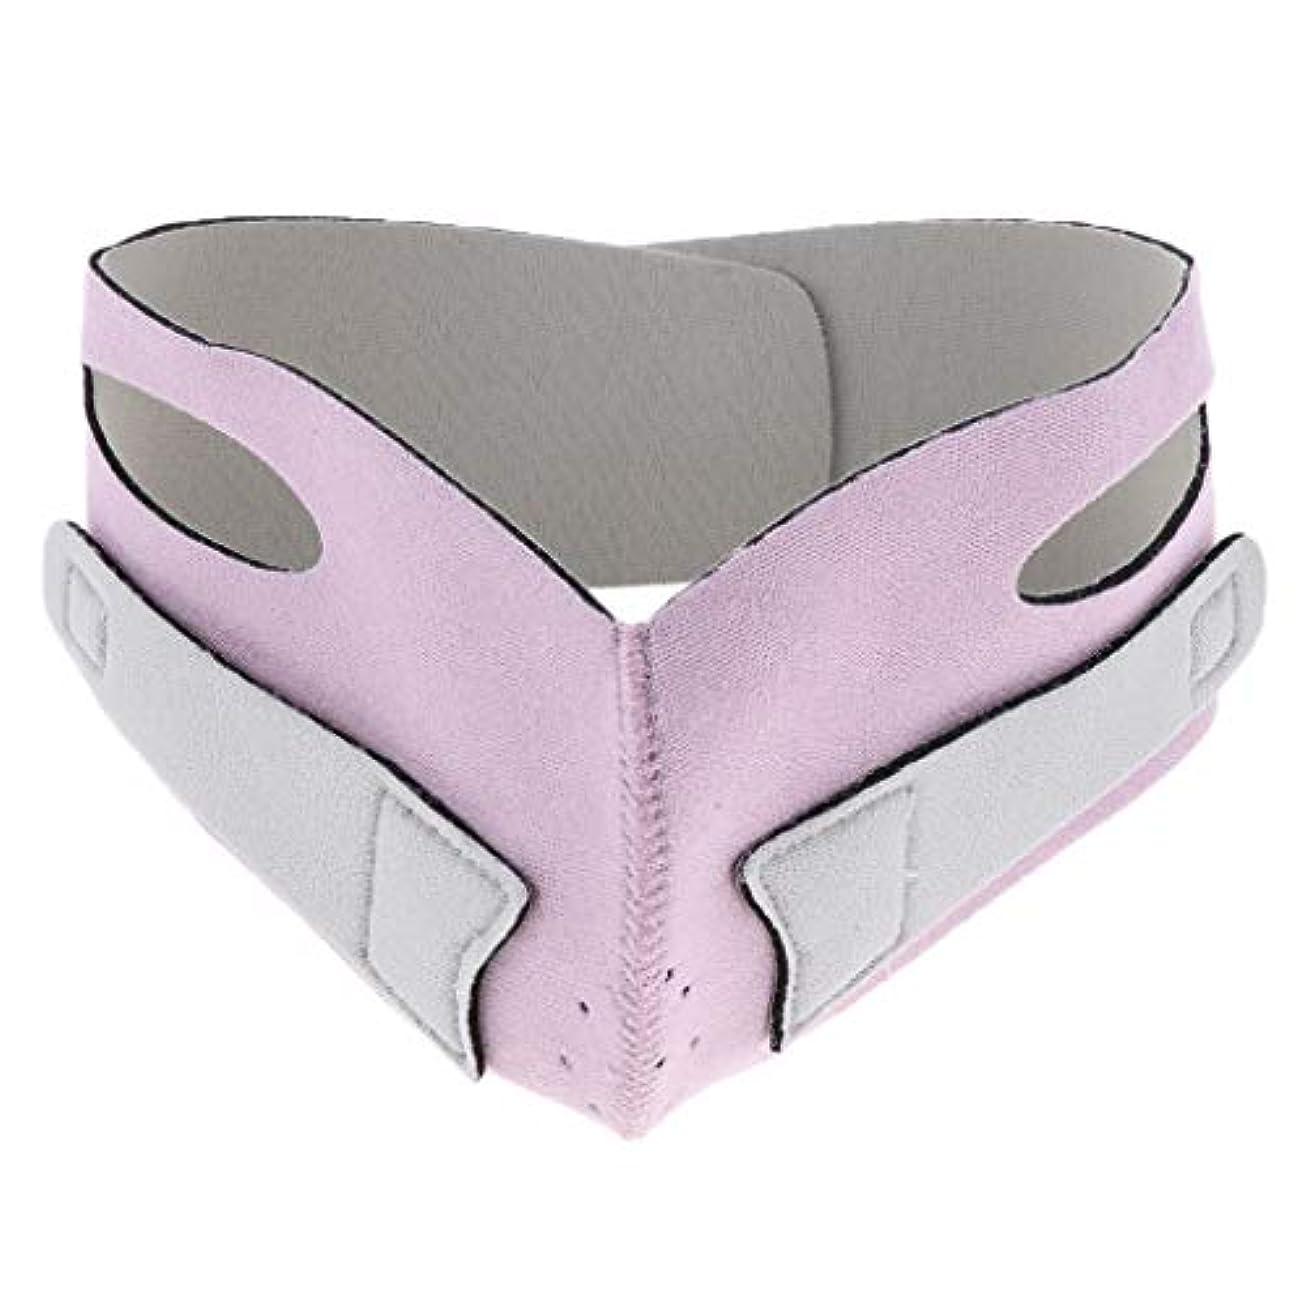 家事をする本物の中級引き上げマスク 頬リフトアップ V-ラインマスク リフティング リフトスリムマスク 通気性 全2色 - ピンク